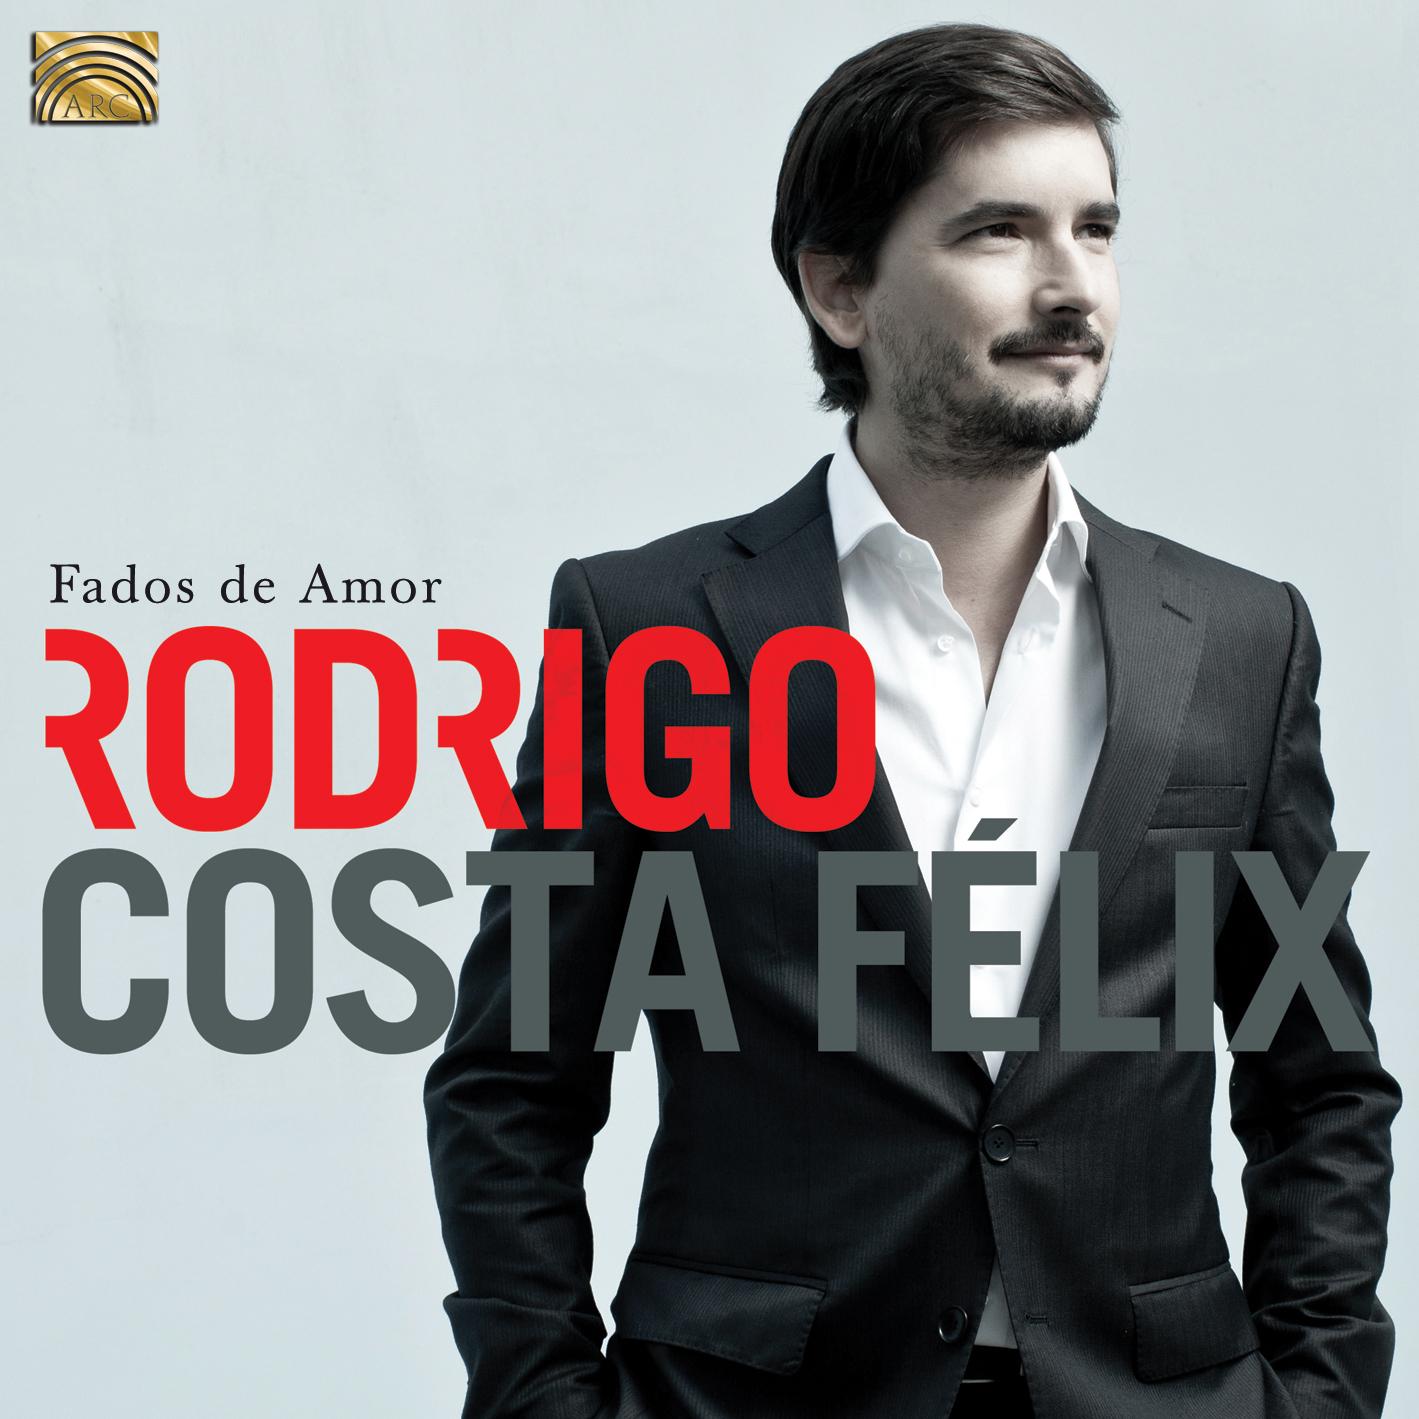 Rodrigo Costa Felix' Fados de Amor